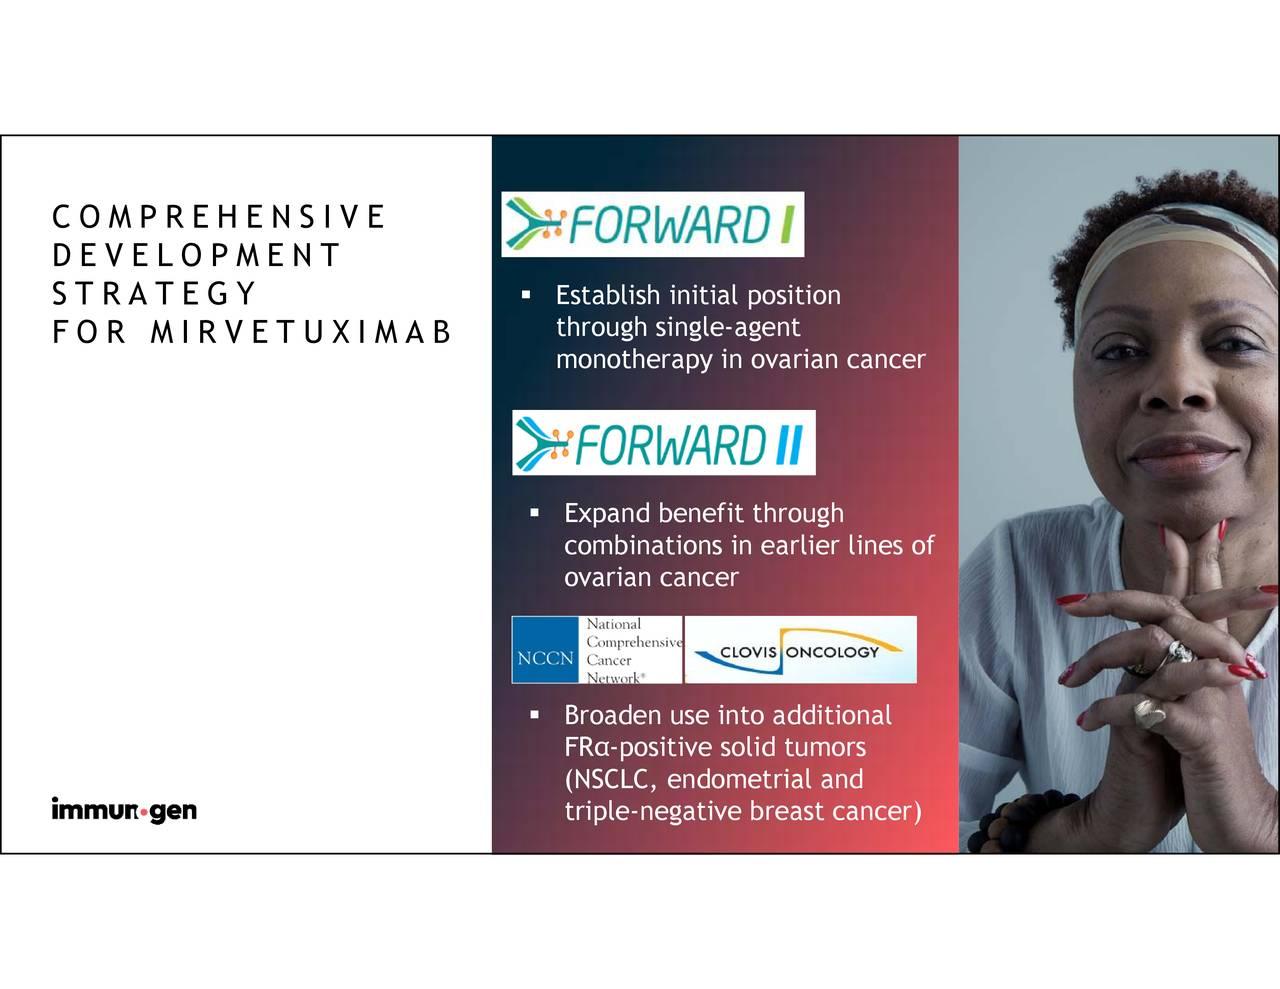 αpositive solid tumors ExpcoovbriaifashBrFRdNntrpli-noaatetriraasdcancer) Esahrioniniegap-aitonvarian cancer    CODMEPRERHOPNMGIREVETUXIMAB